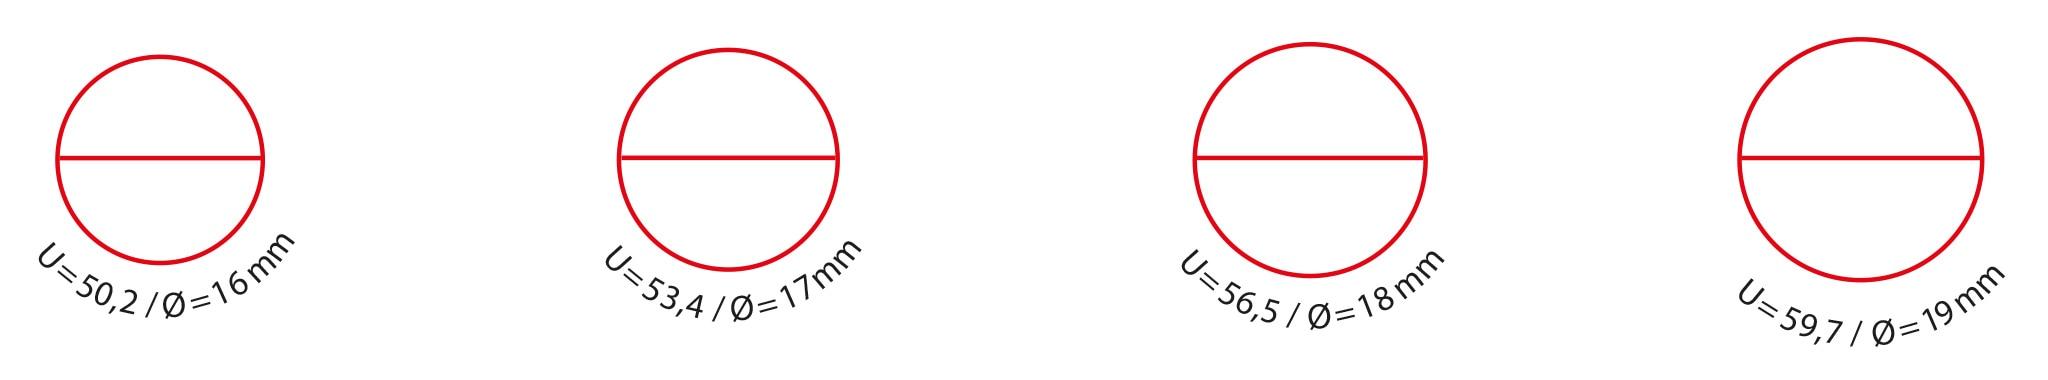 Ringgröße ermitteln – Ratgeber online bei HSE24